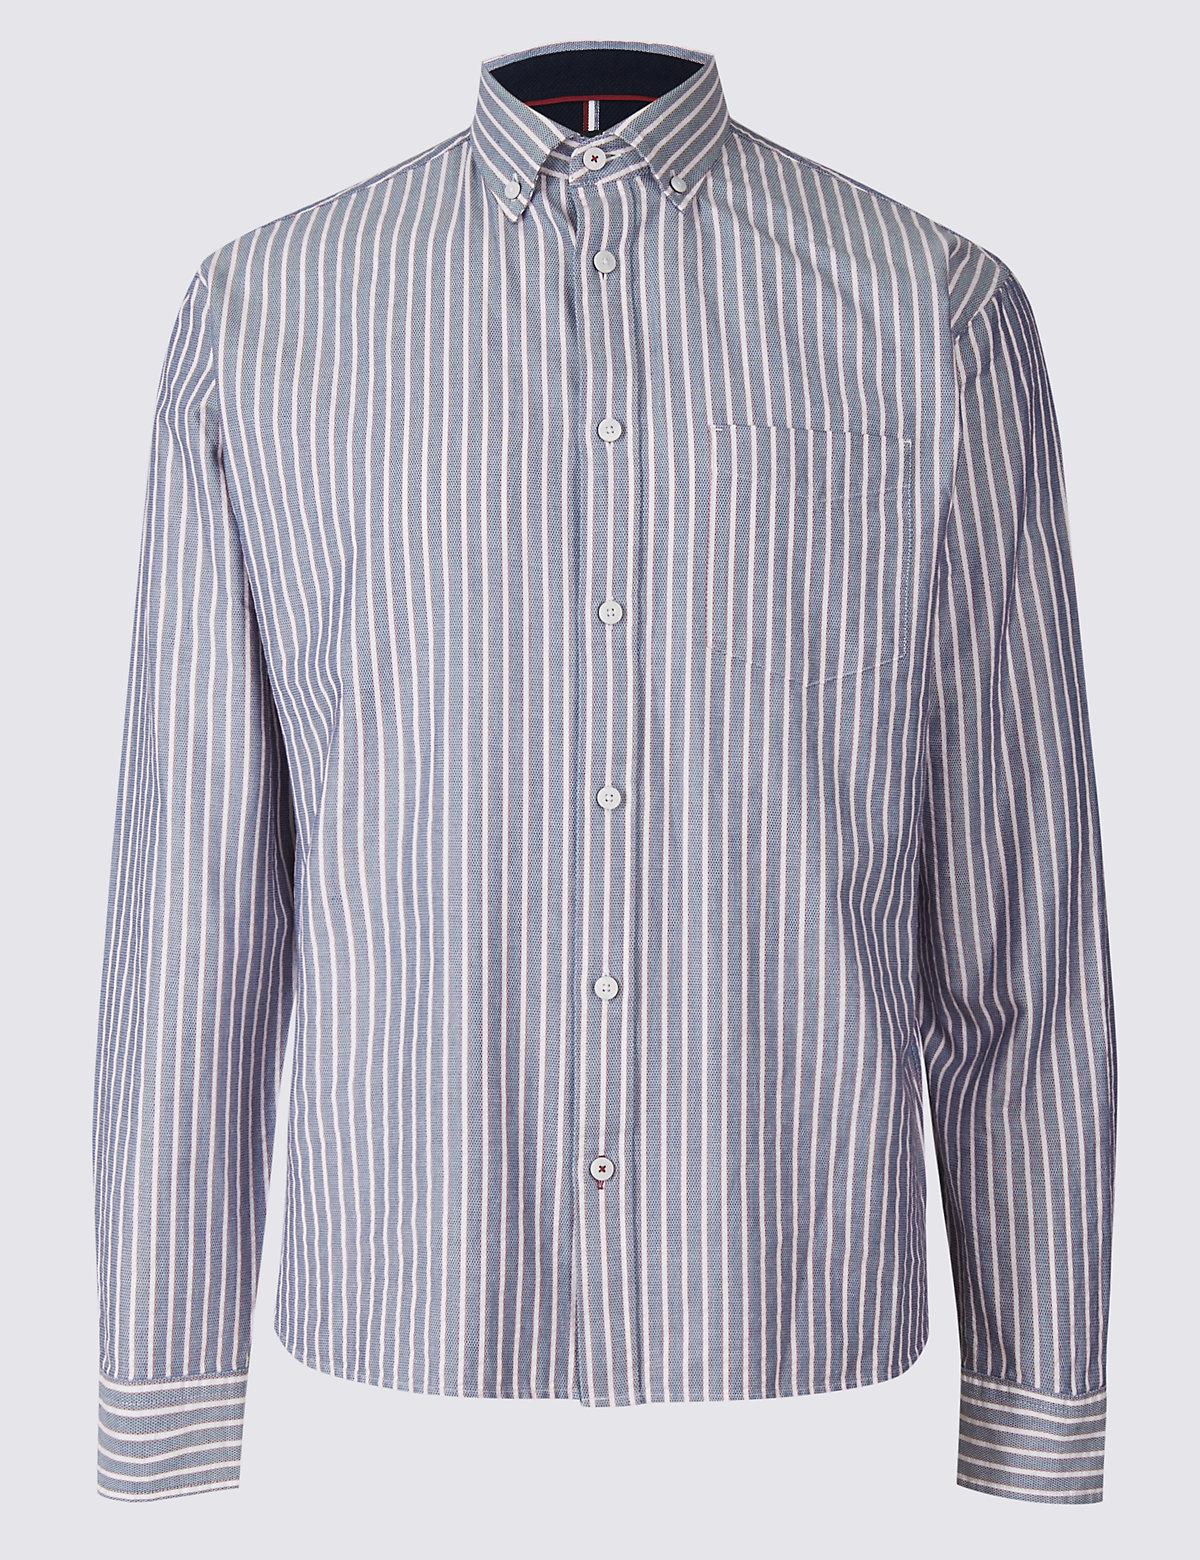 Рубашка мужская на пуговицах с длинным рукавом